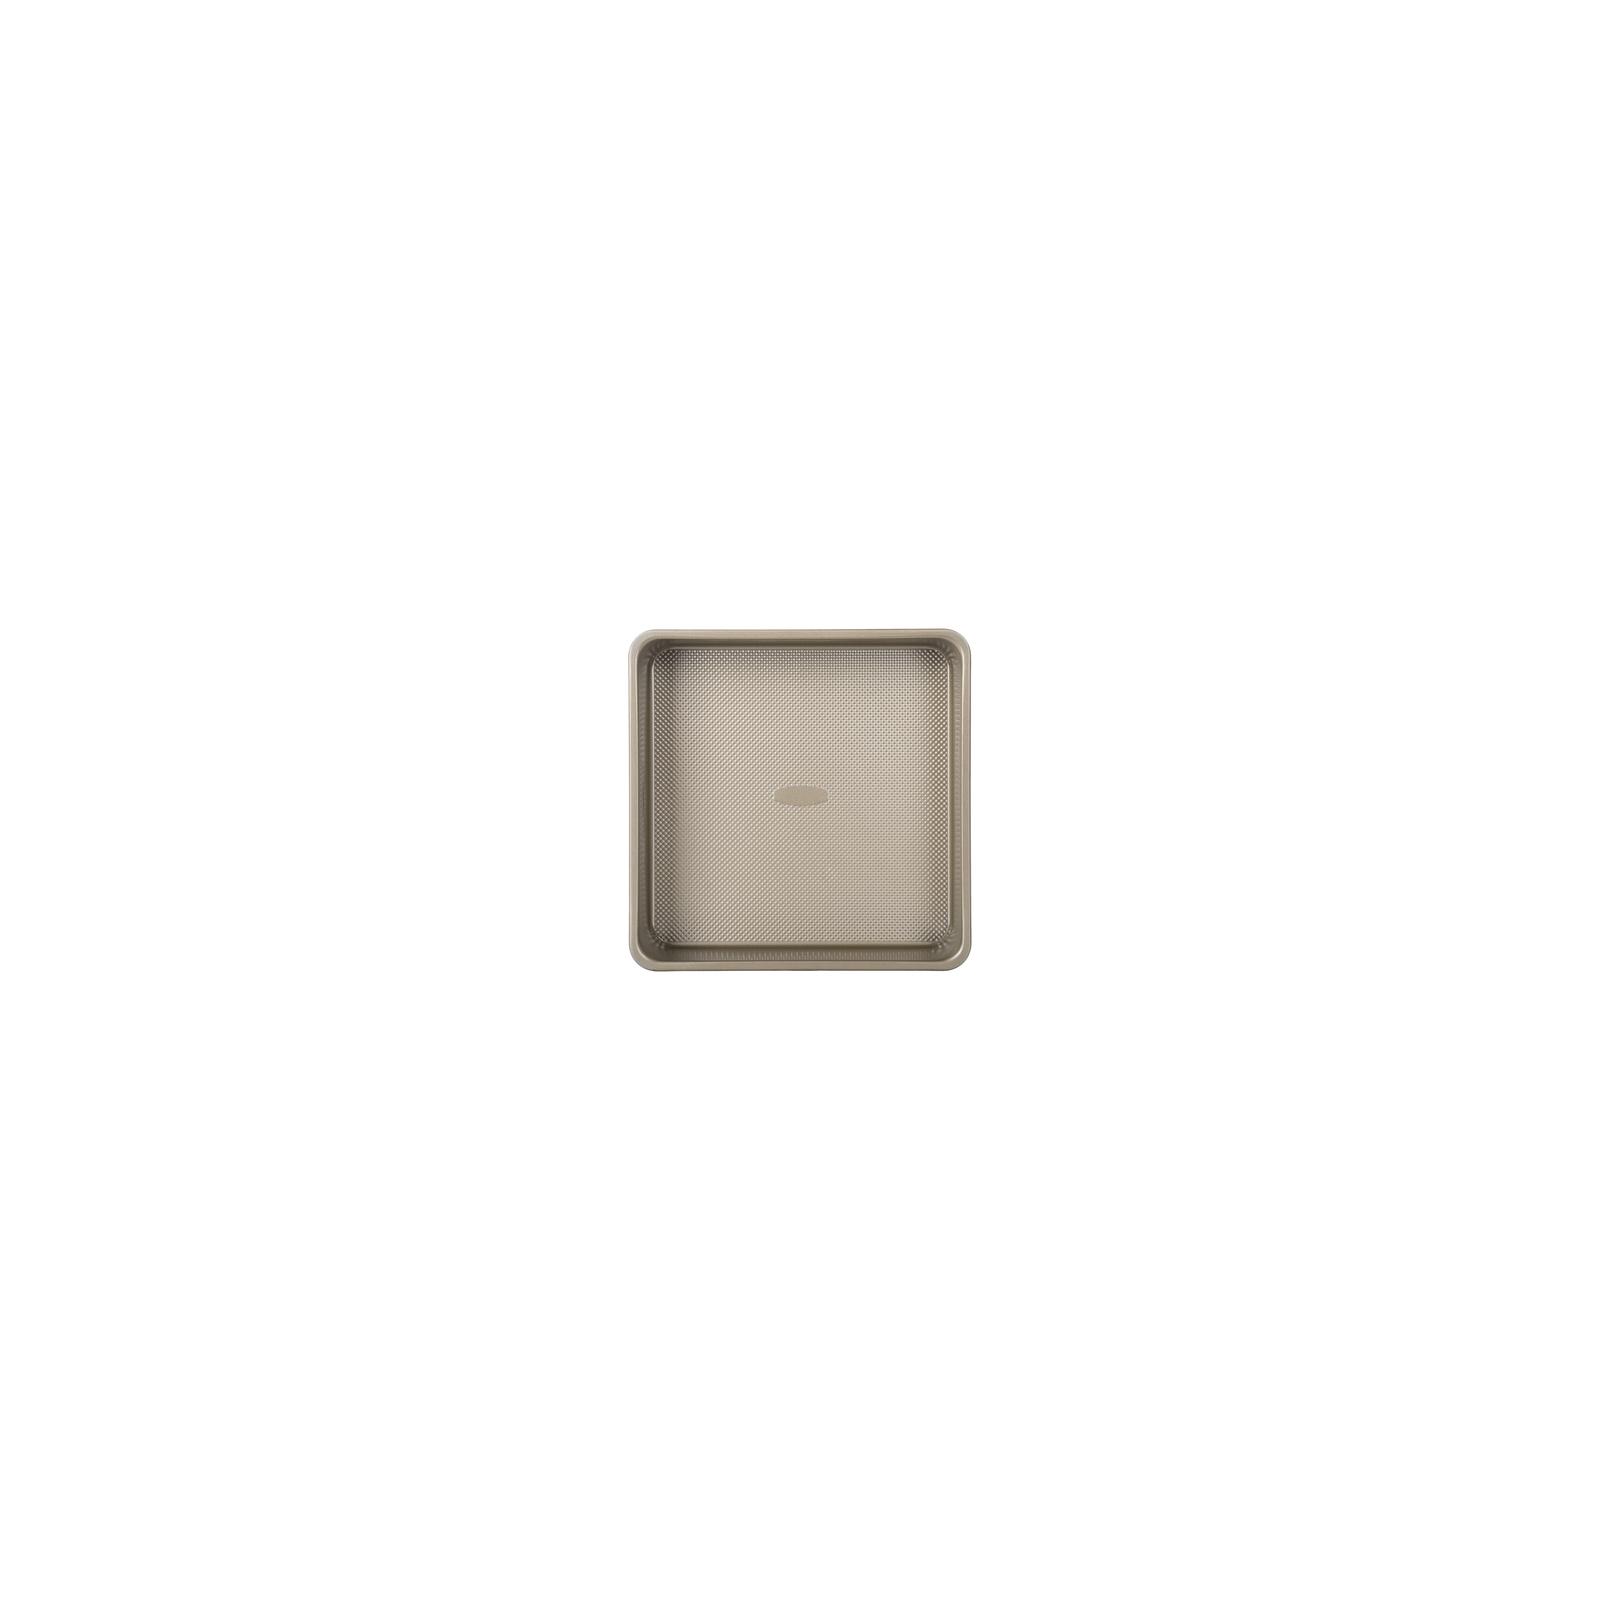 Форма для выпечки Ringel Marzipan квадратная 24.5 x 24.5 x 6 см (RG-10209) изображение 3